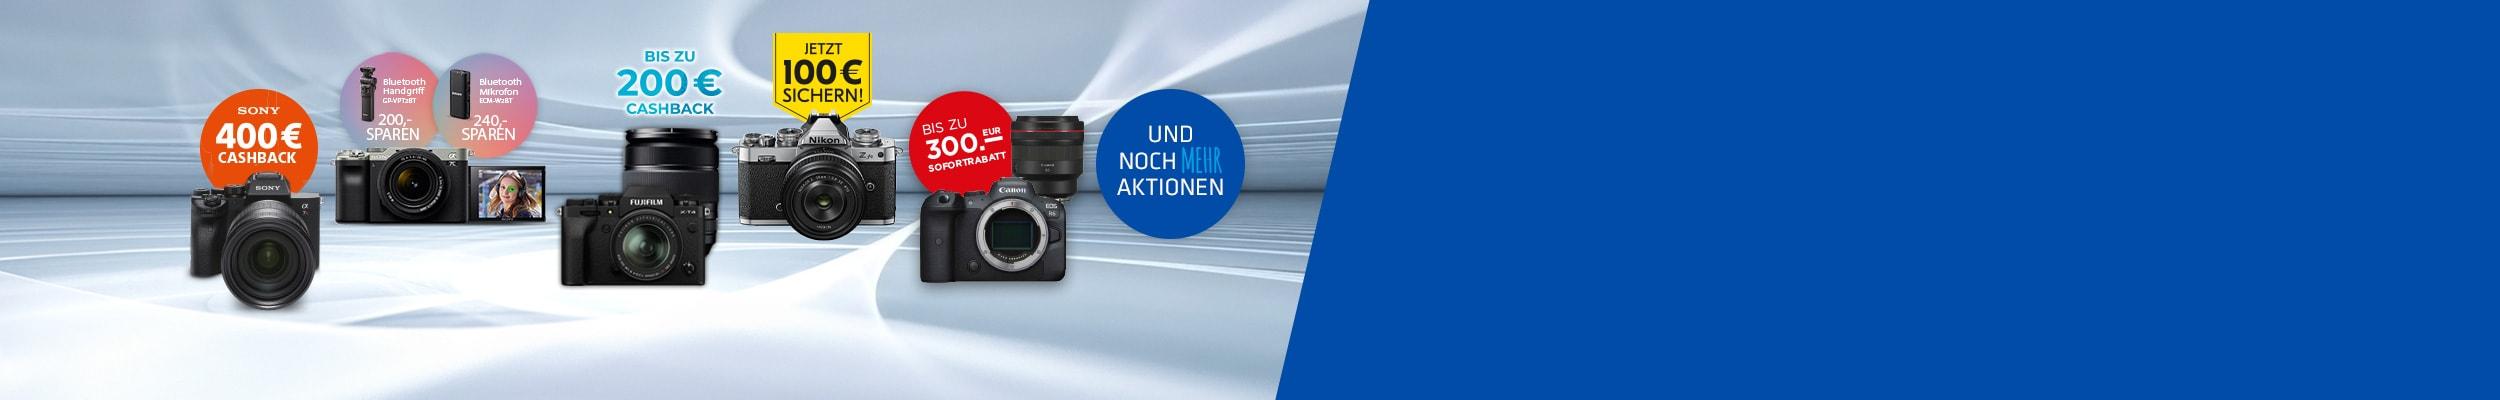 """""""vier Fotokameras von verschiedenen Marken in einer Reihe mit weiterem Equipment plus Infos zu Fotoaktionswochen"""""""